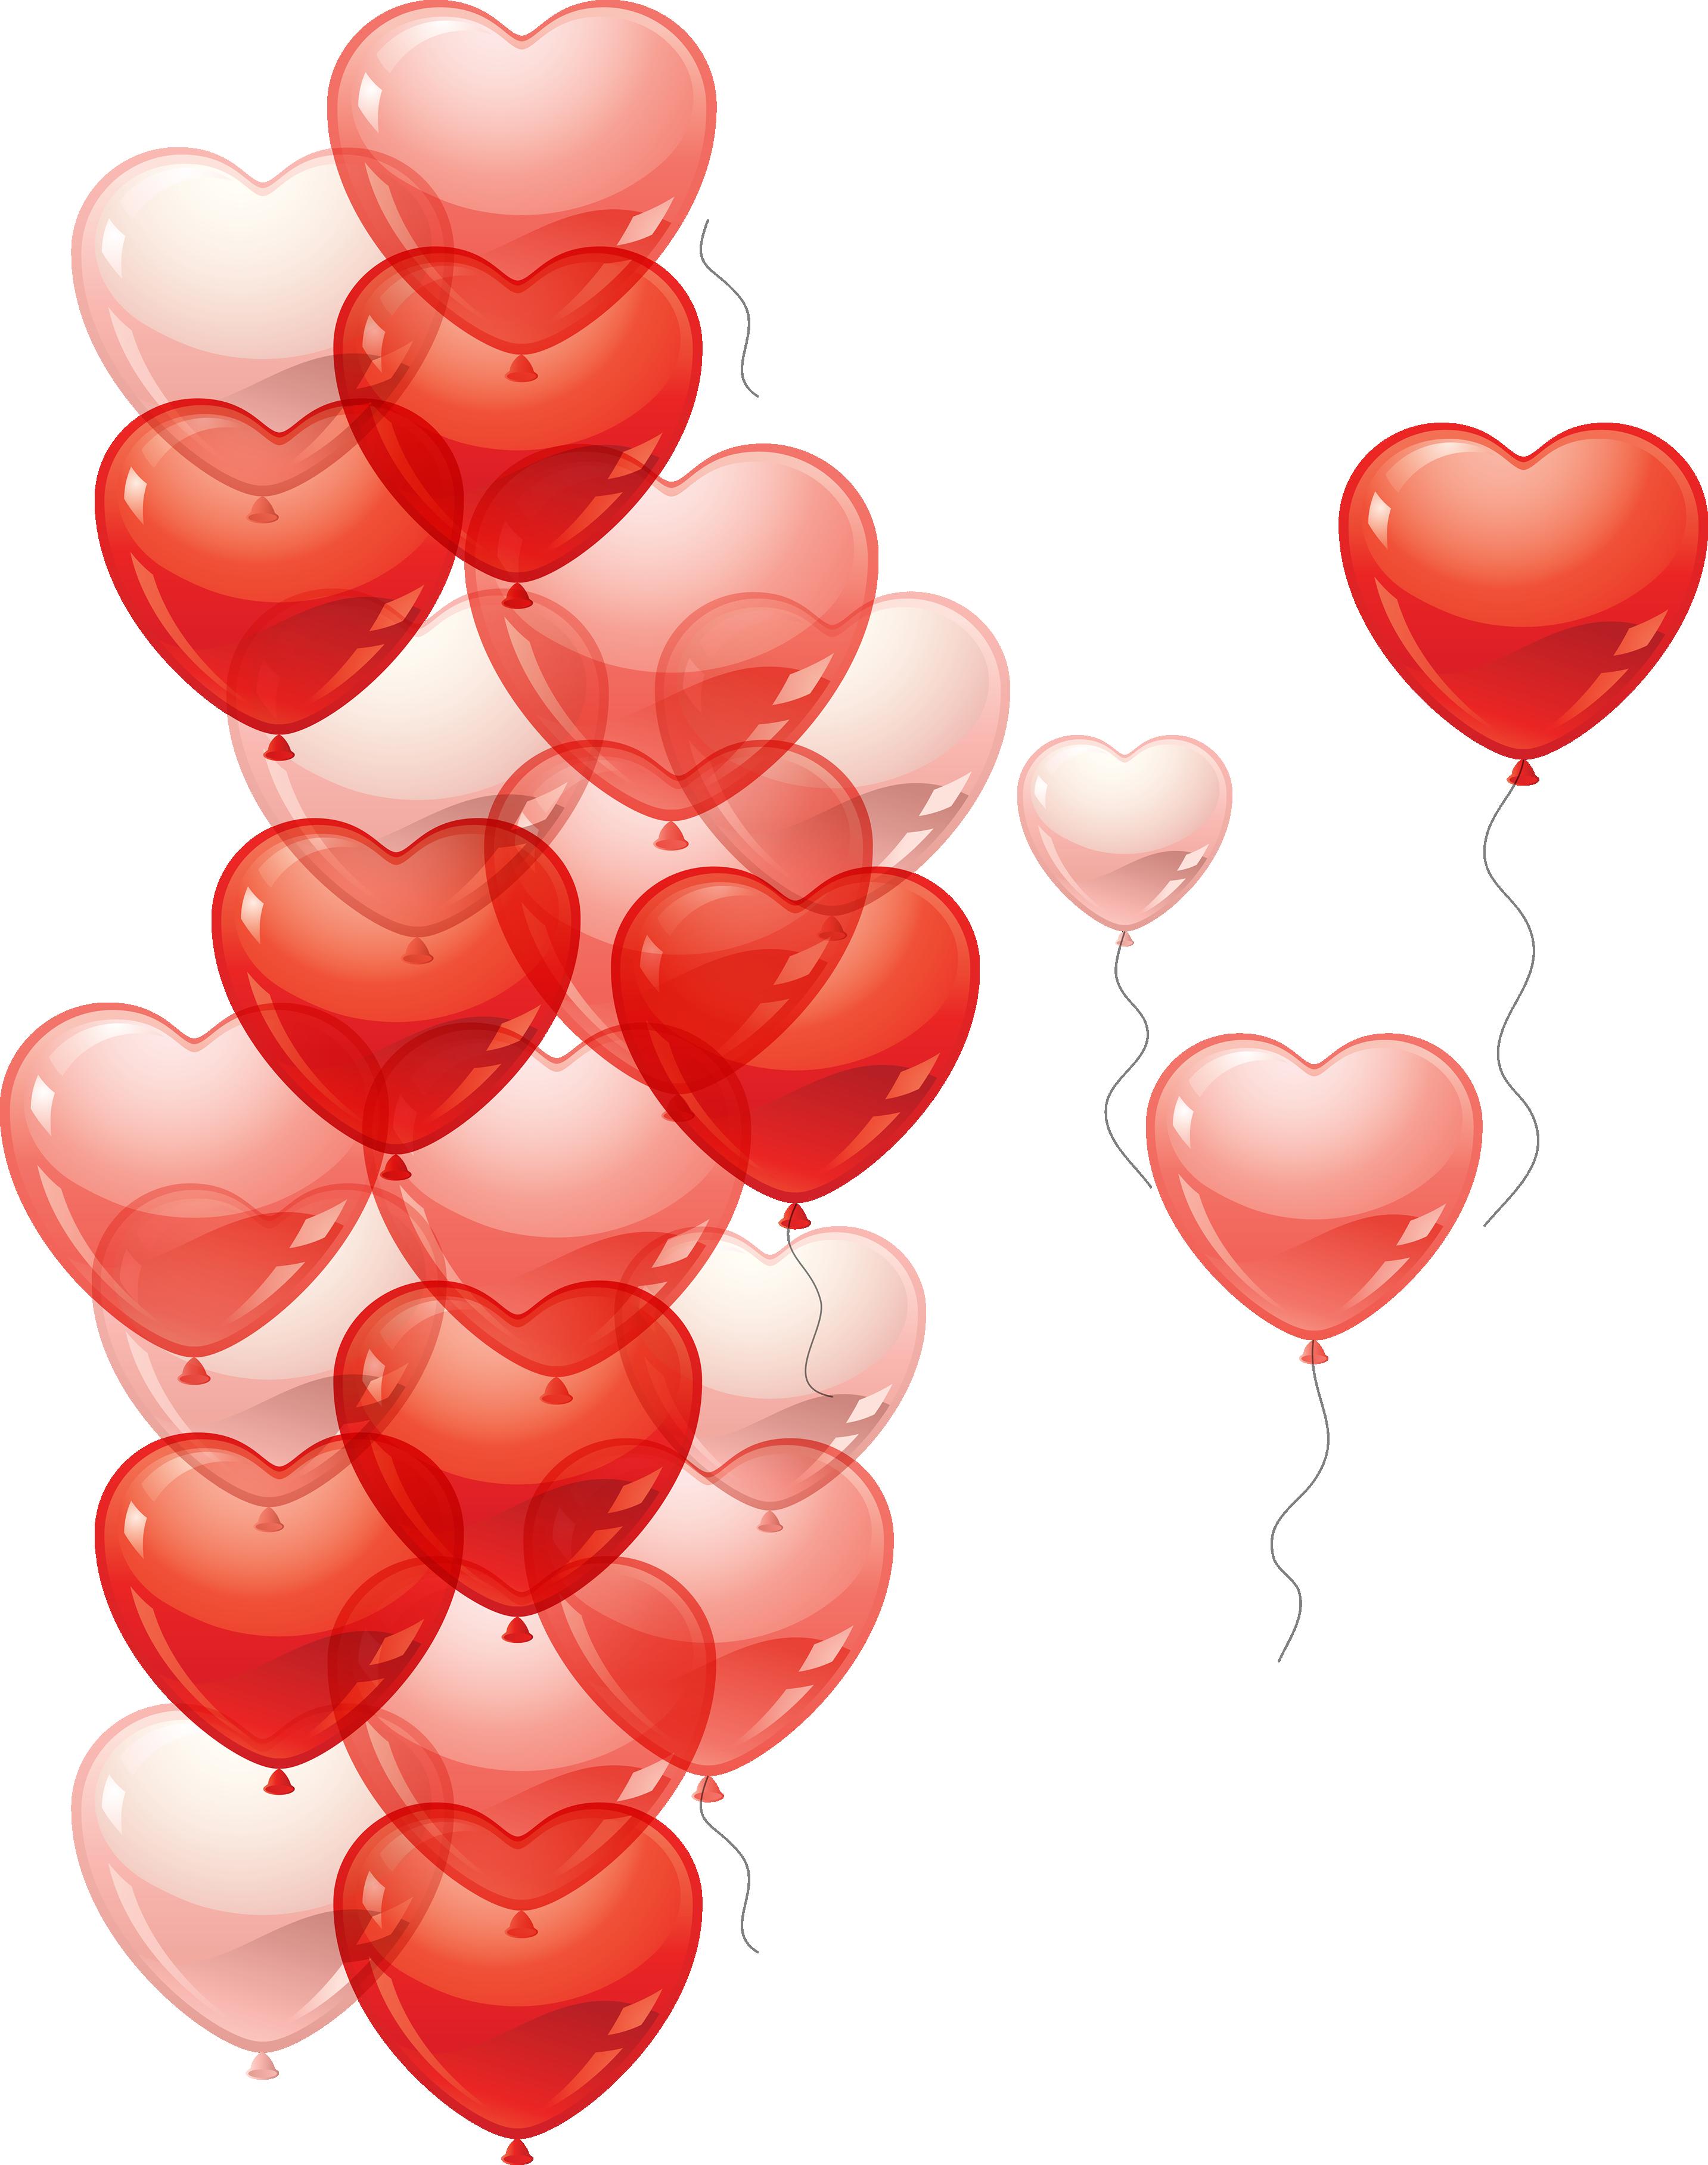 Balloon Png Image Cuore Immagini Regali